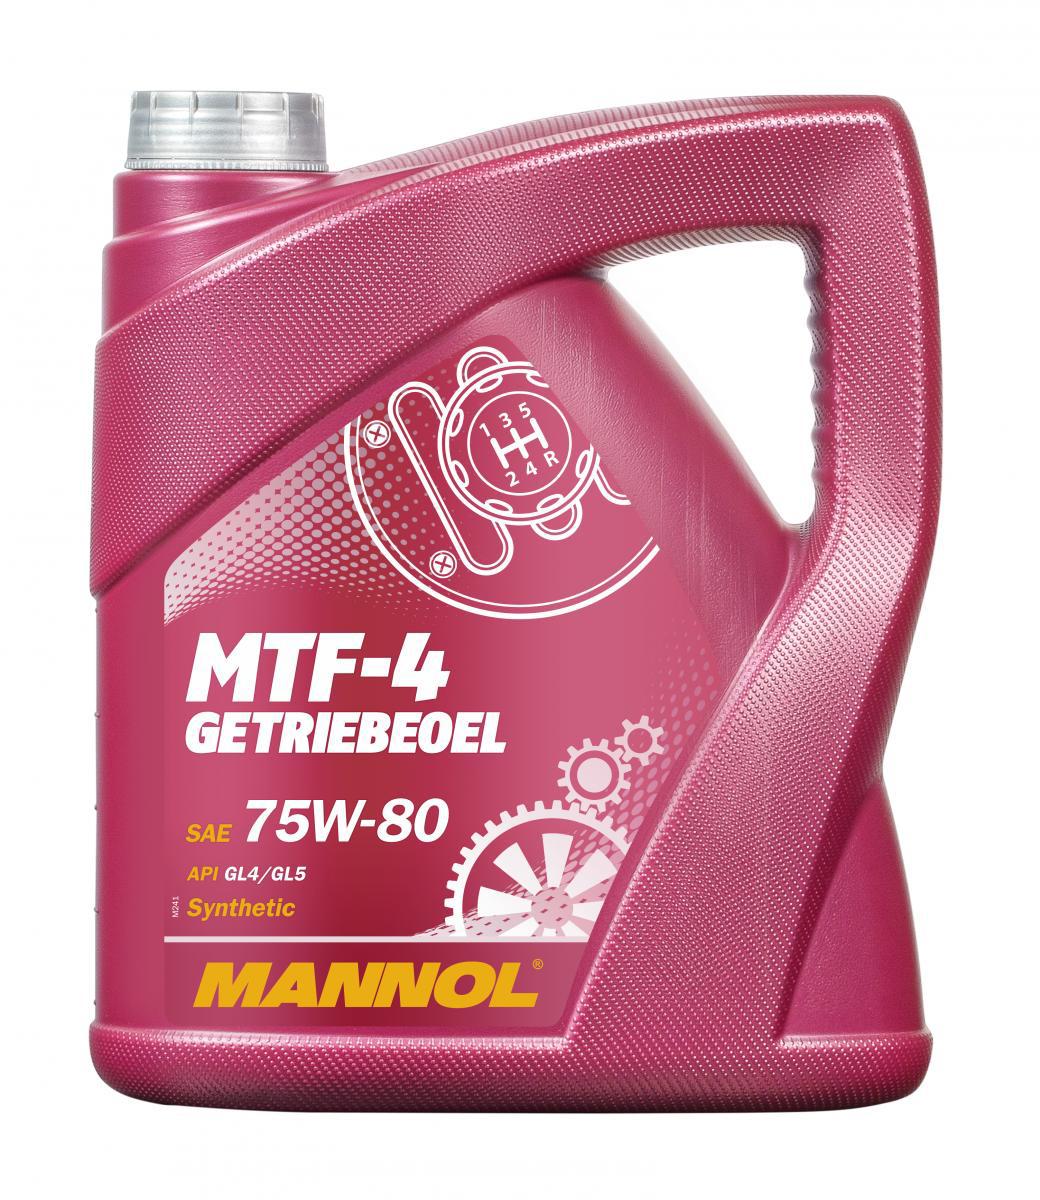 MTF-4 Getriebeoel 75W-80